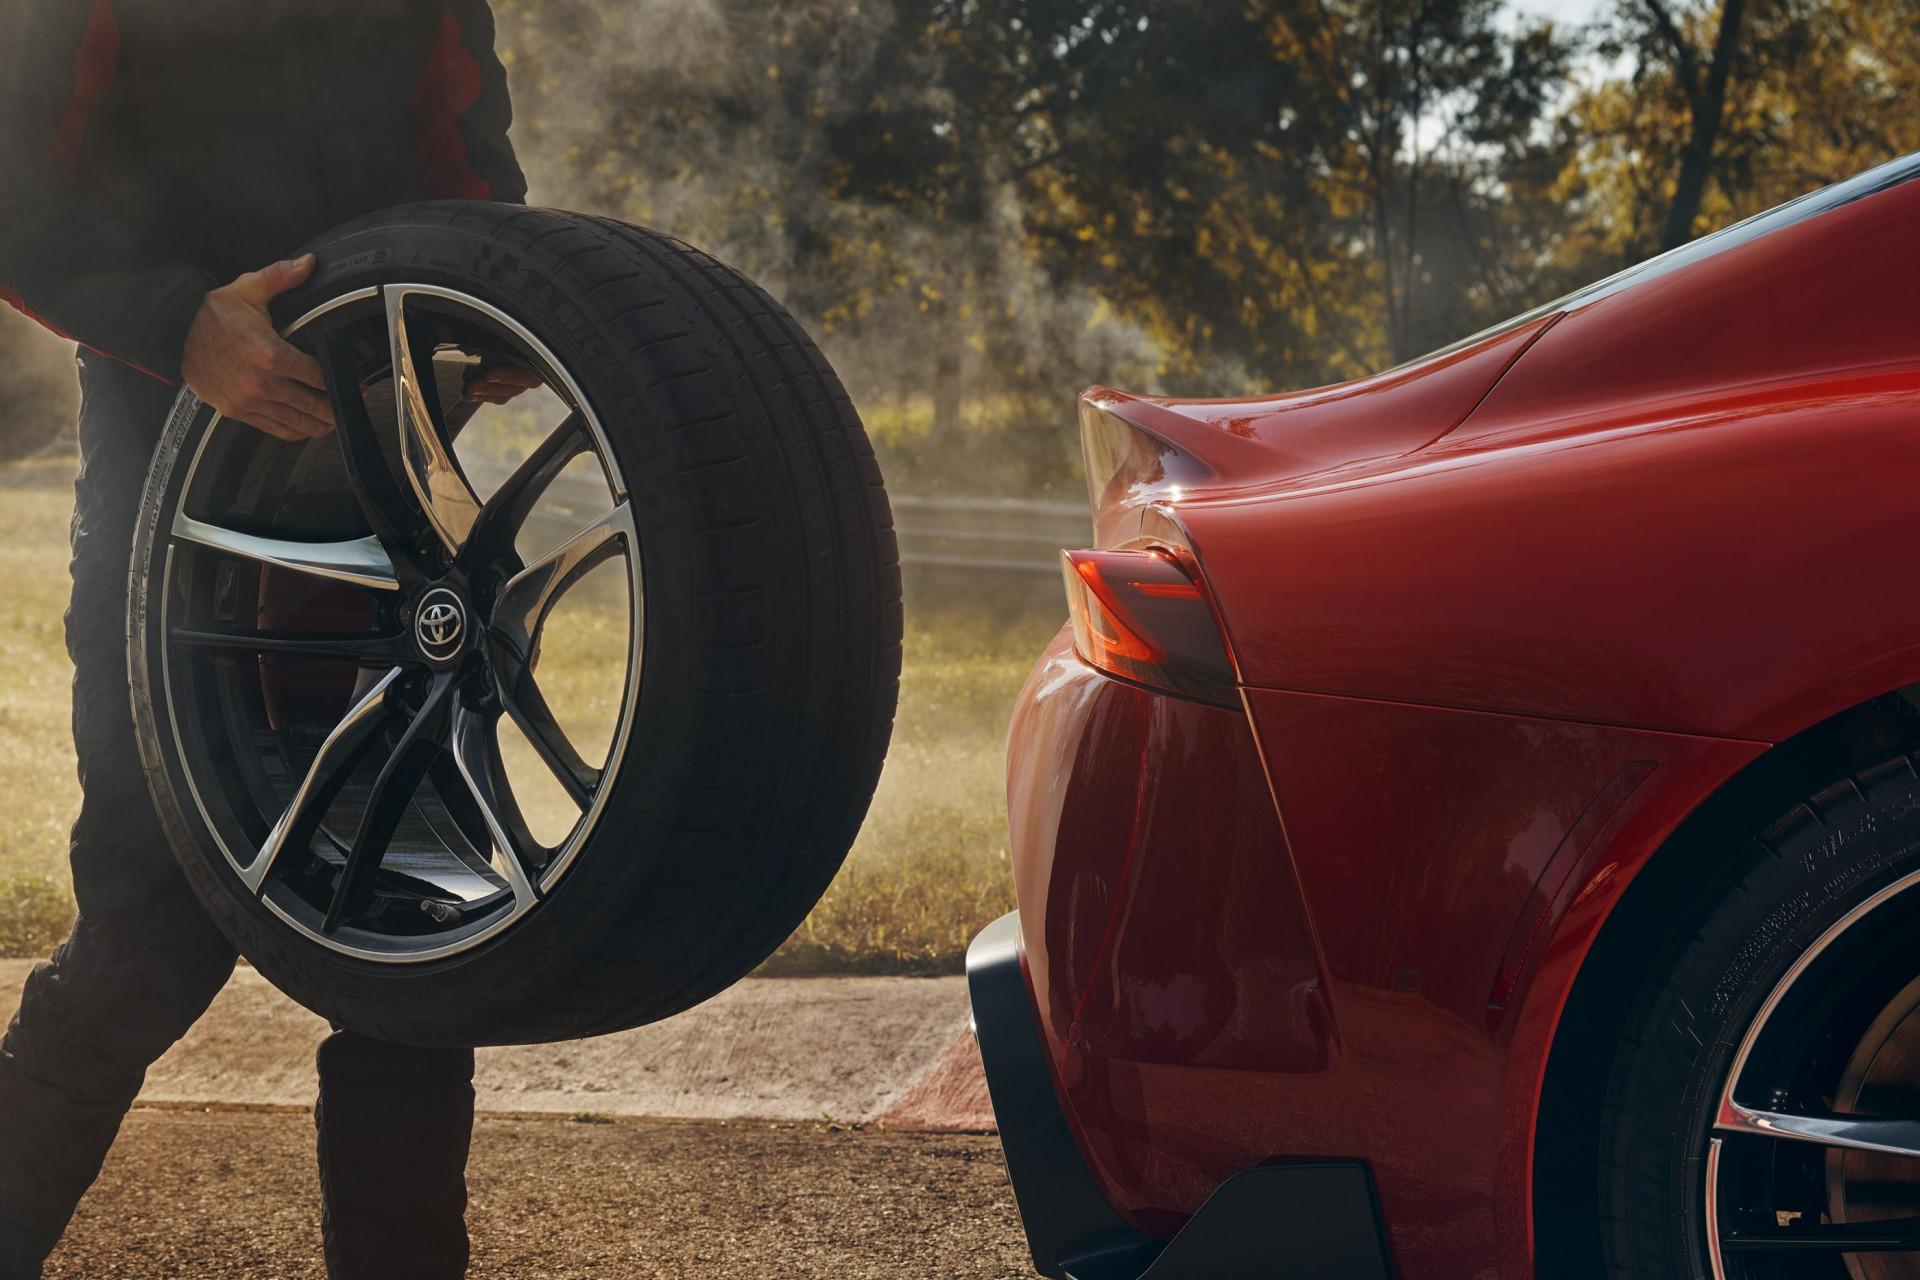 A espera chegou ao fim. Eis o Toyota GR Supra em todo o seu esplendor